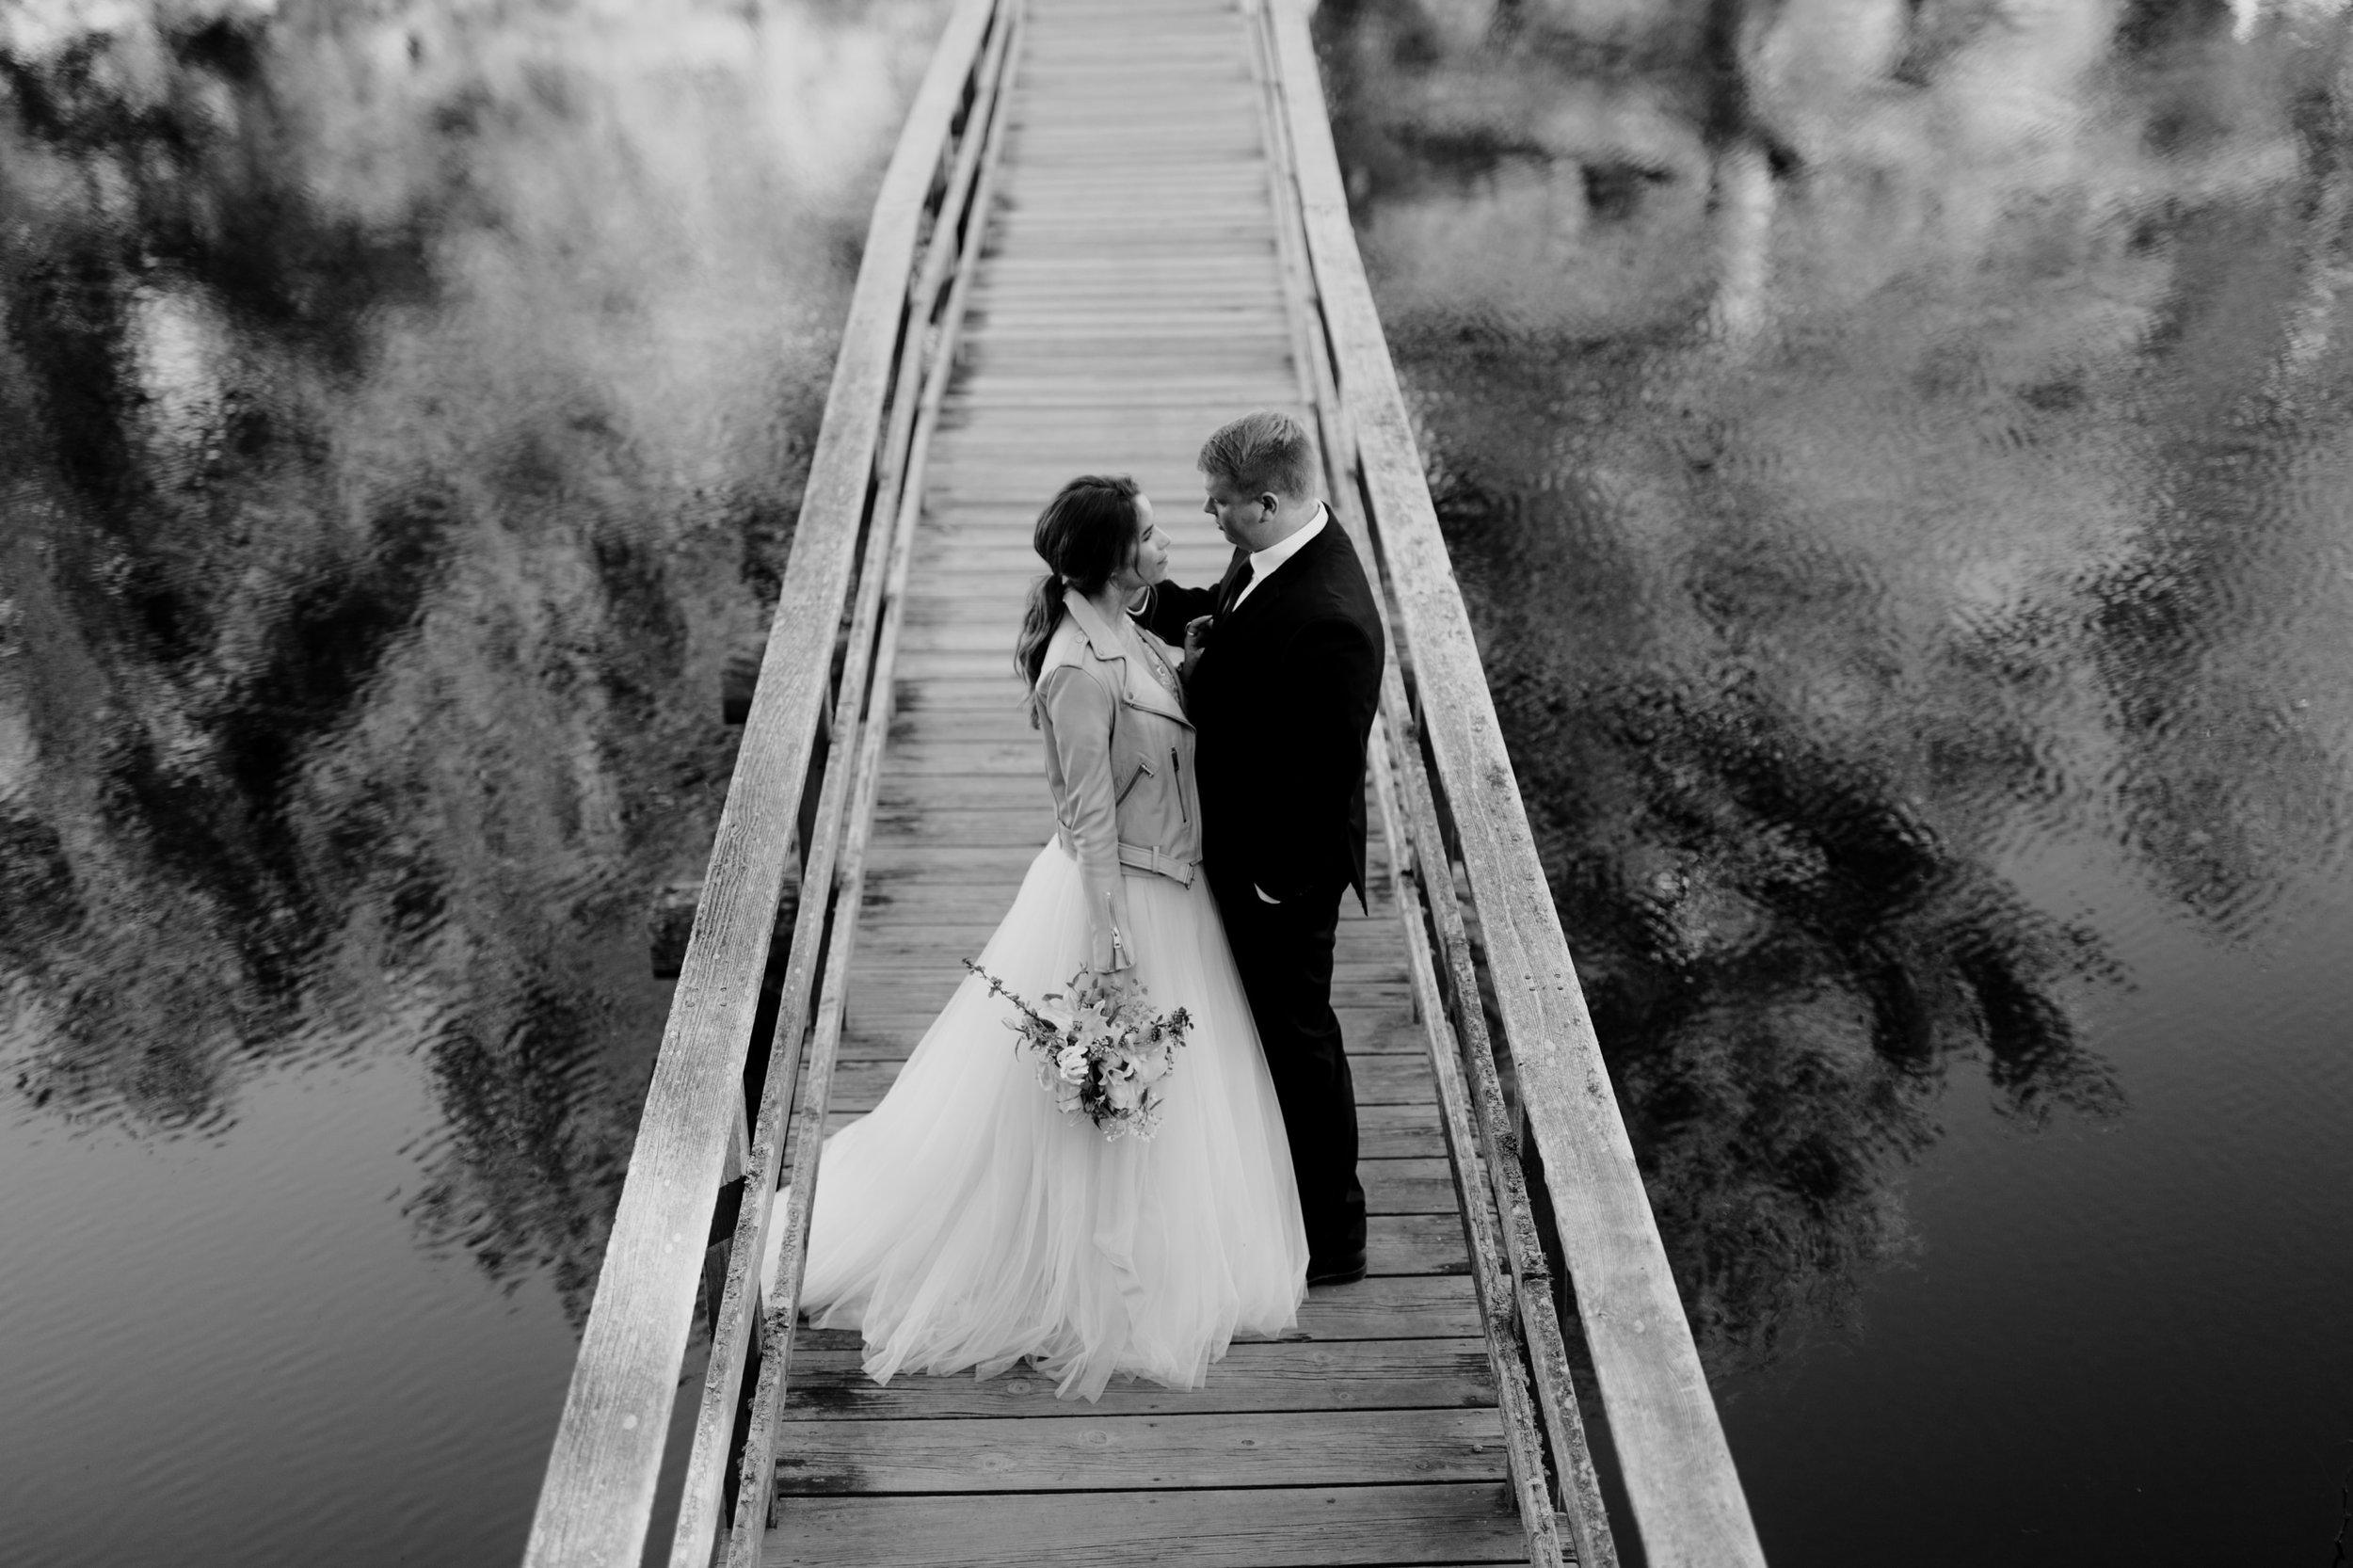 Madeline-Island-Wedding-Photography_57.jpg